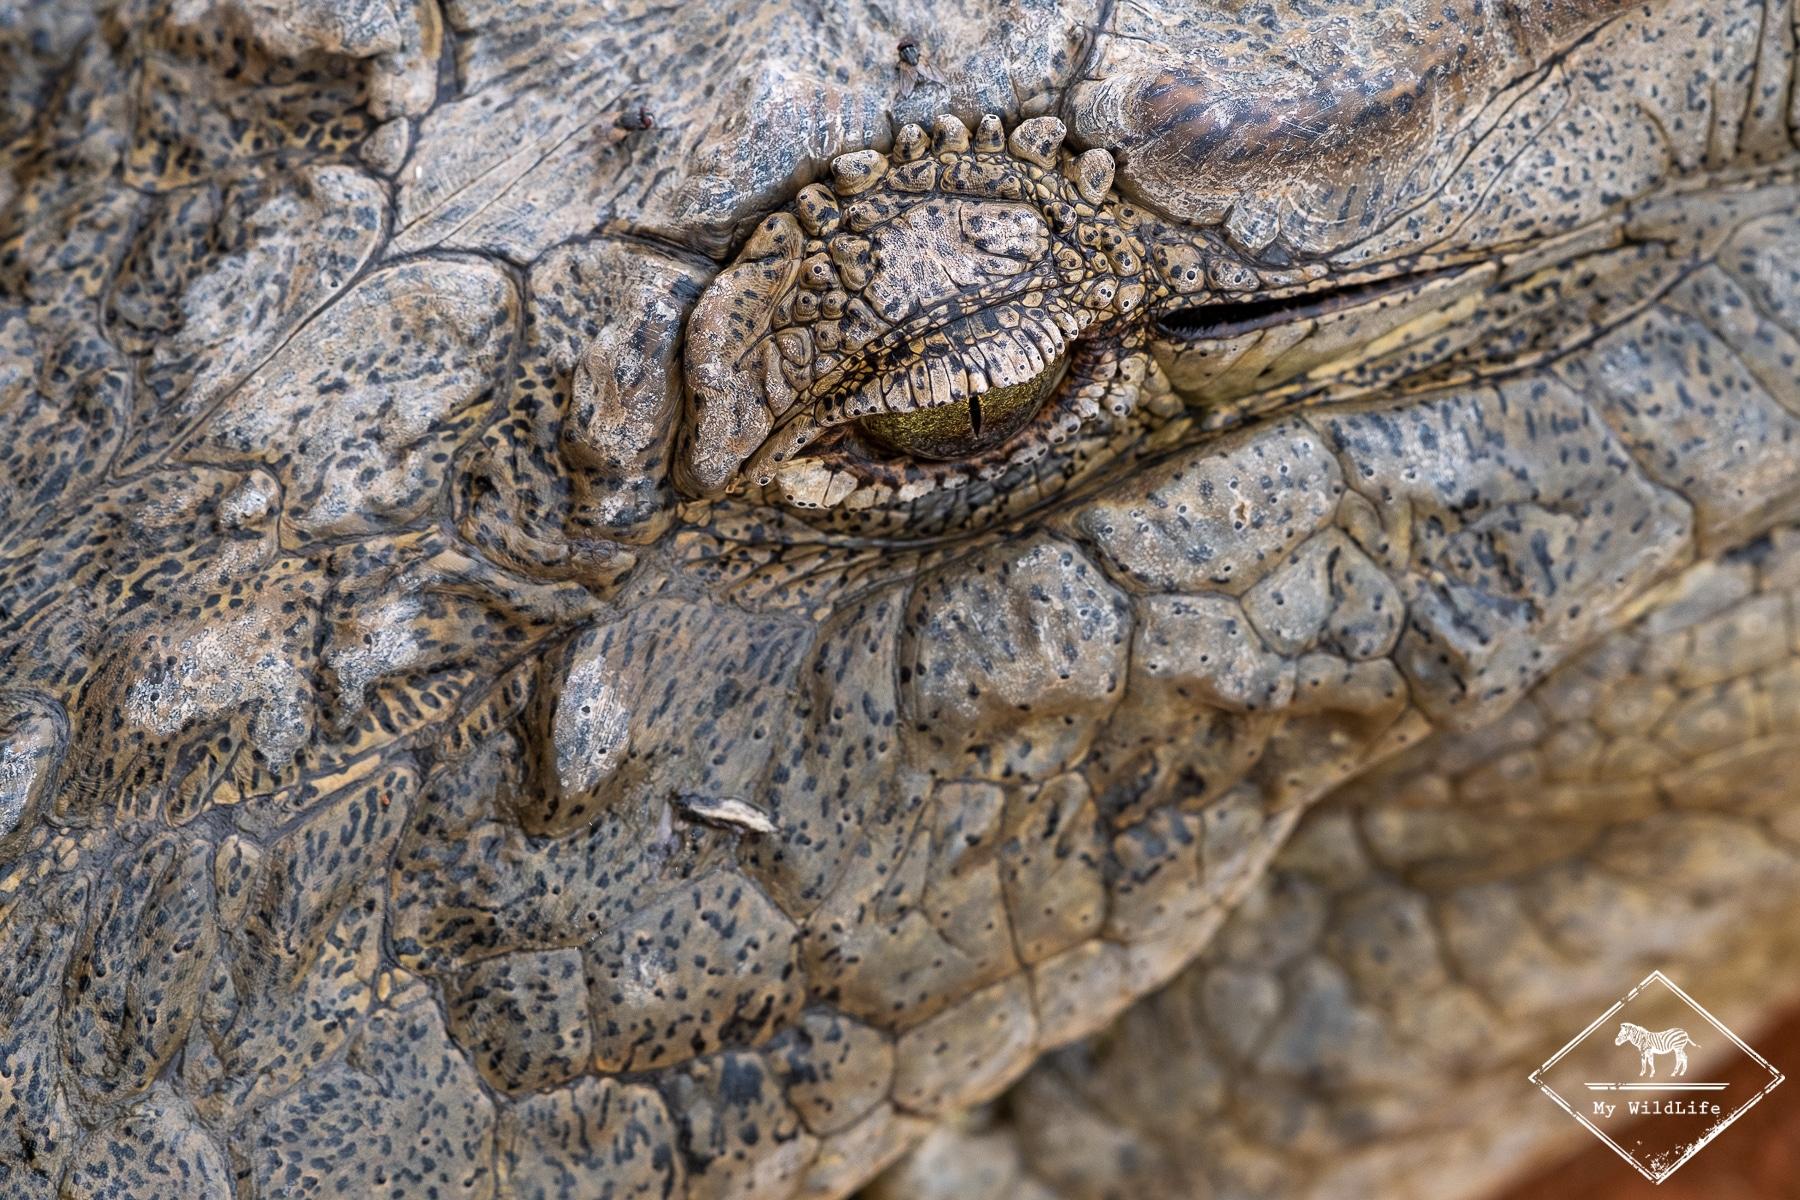 Crocodile, Réserve de Bandia